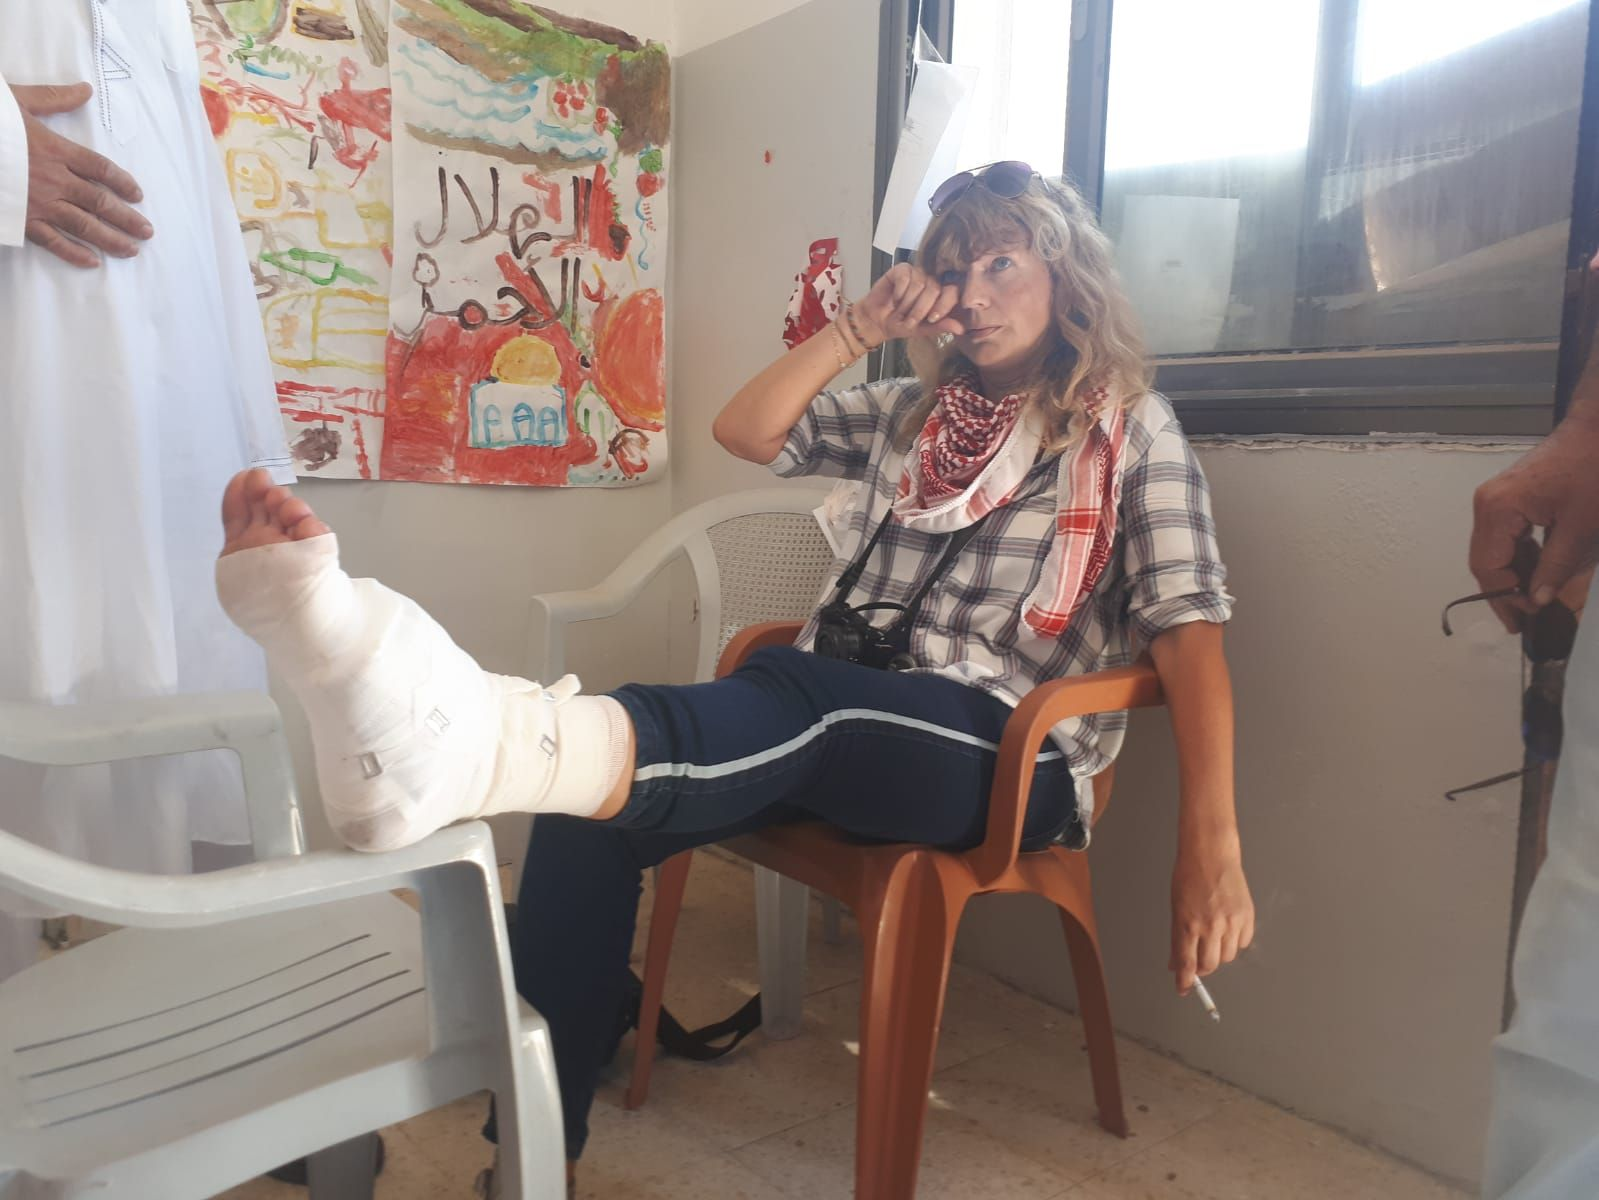 SKUTT IGJEN: Den norske aktivisten Kristin Foss (43) som ble skutt forrige lørdag i forbindelse med en demonstrasjon på Vestbredden, ble i dag sendt til sykehus etter hun ble skutt i foten av gummibelagt stålkule.